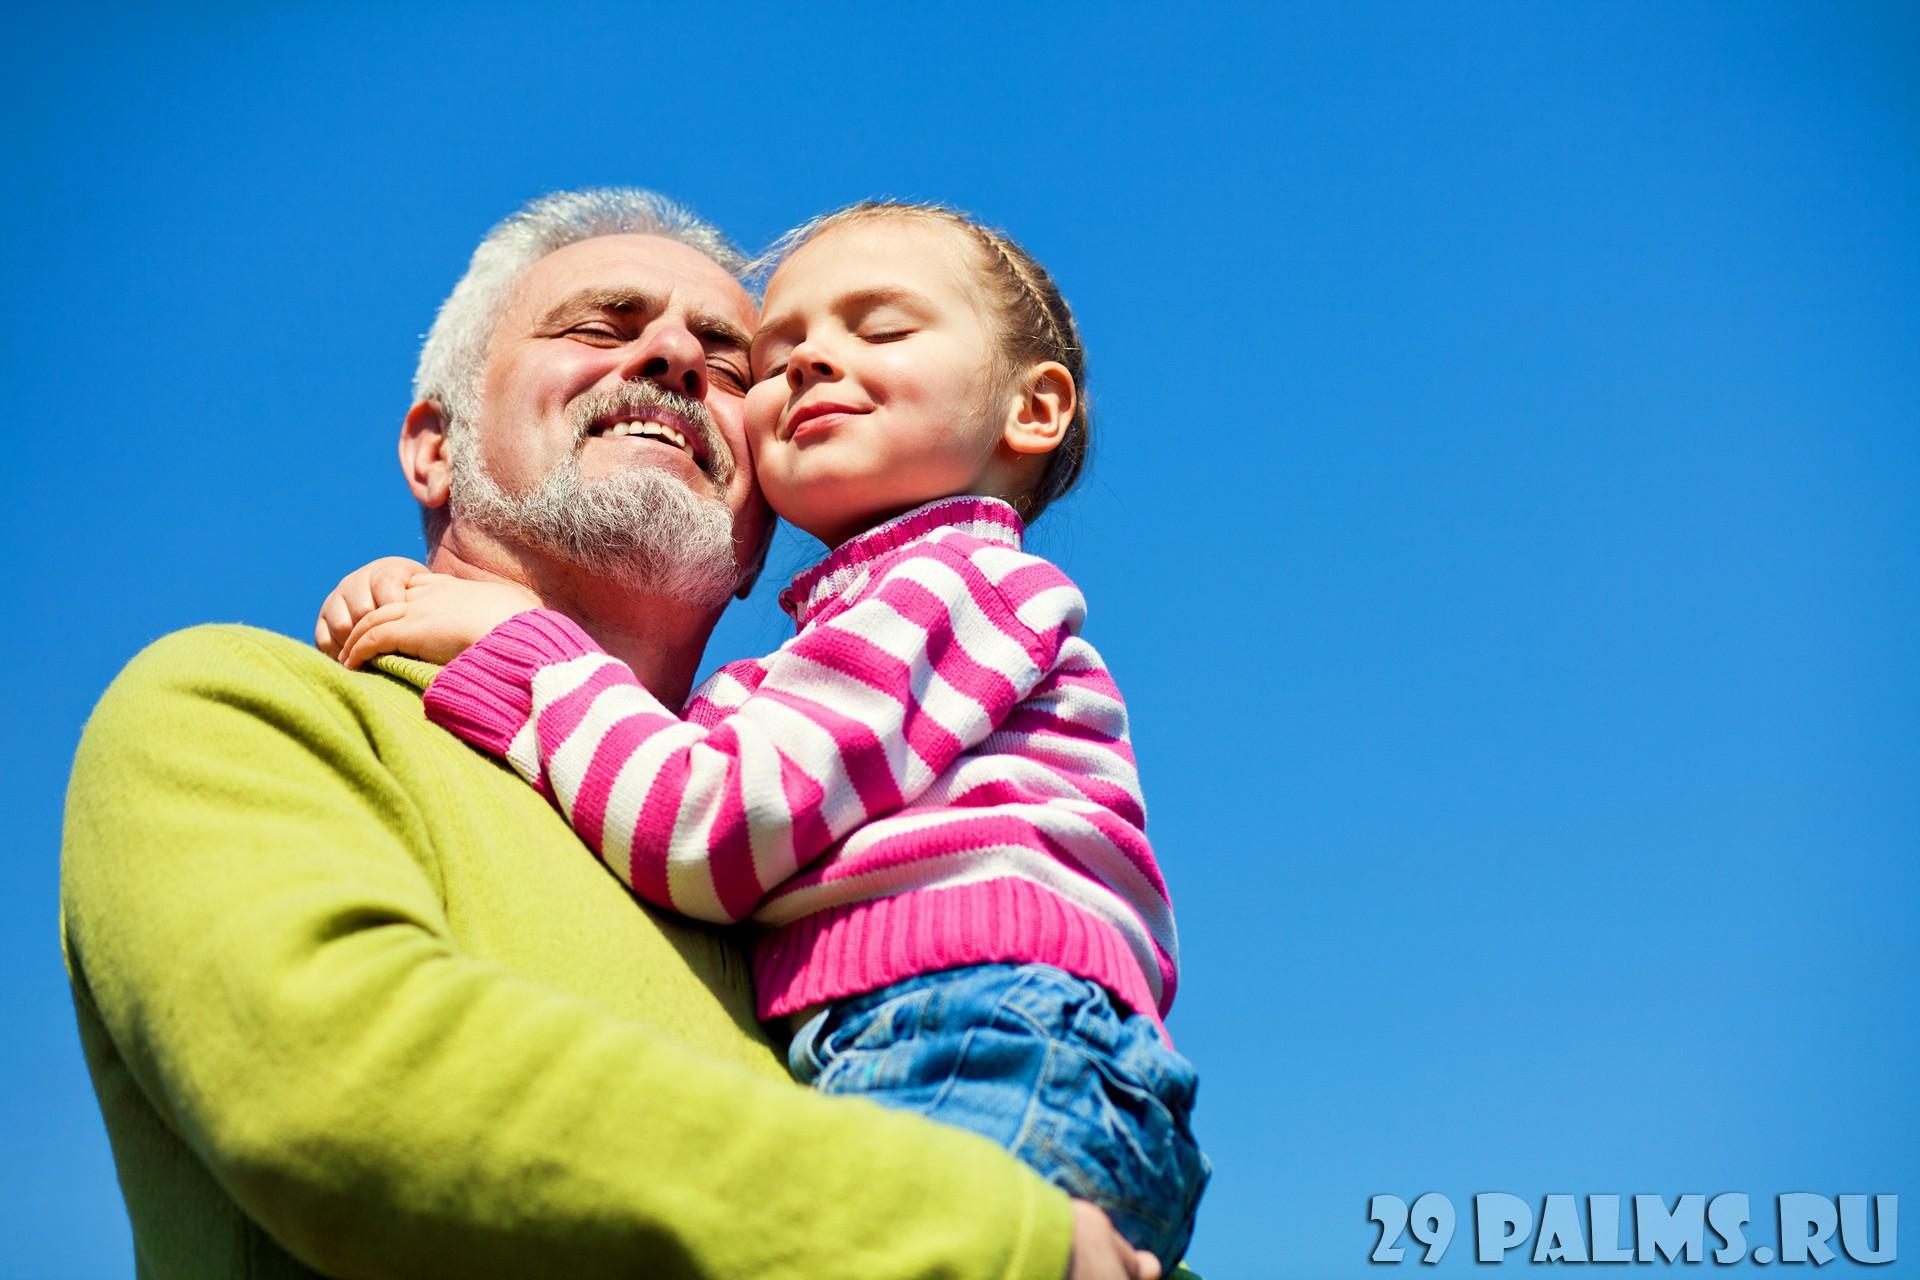 Сек статьи о дедушке и внучке 7 фотография